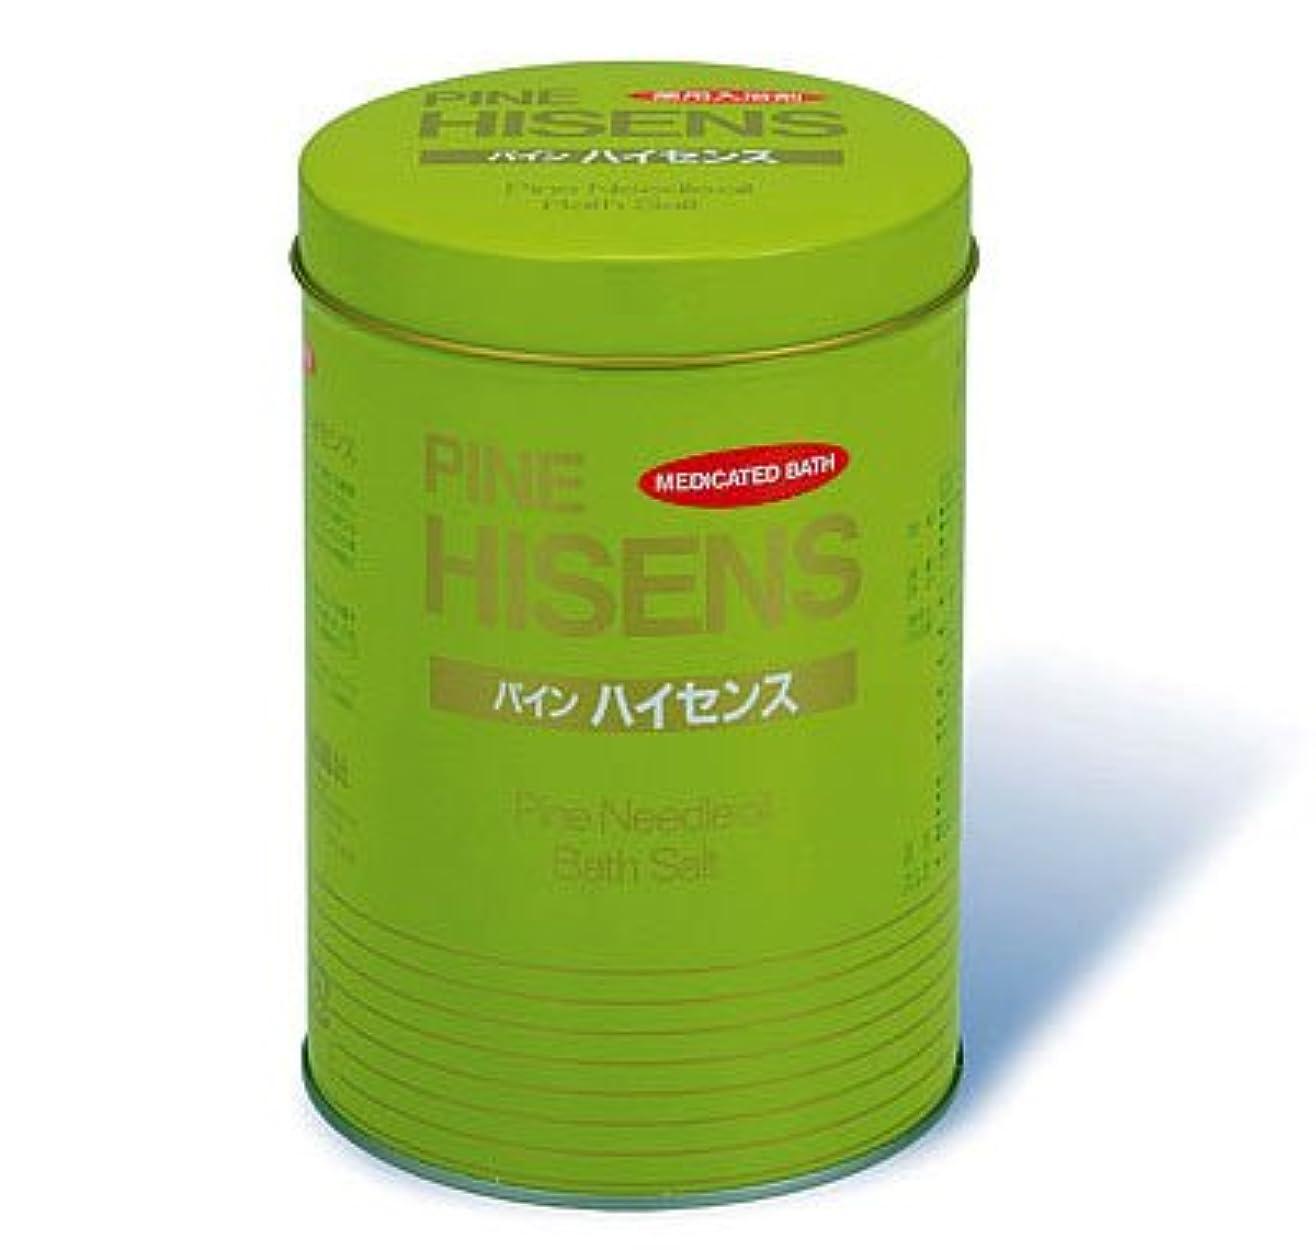 抑圧するしおれた社交的高陽社 薬用入浴剤 パインハイセンス 2.1kg 1缶